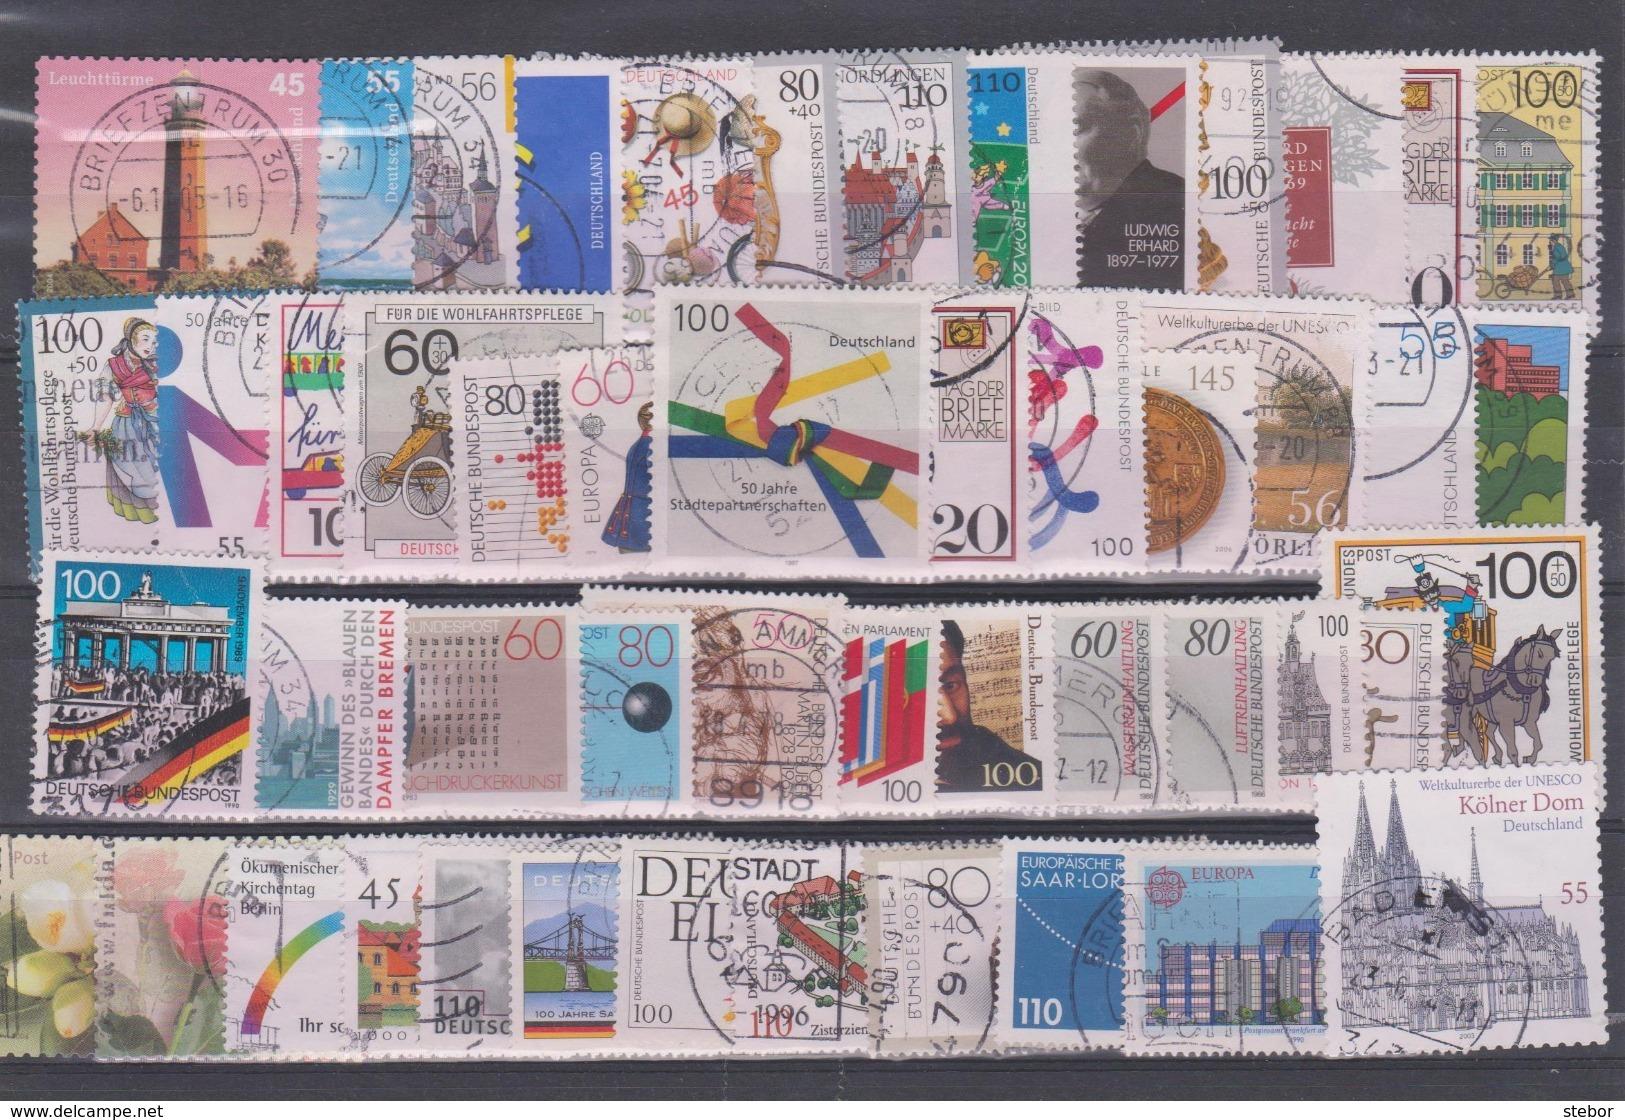 Duitsland Kleine Verzameling G, Mooi Lot K977 - Timbres